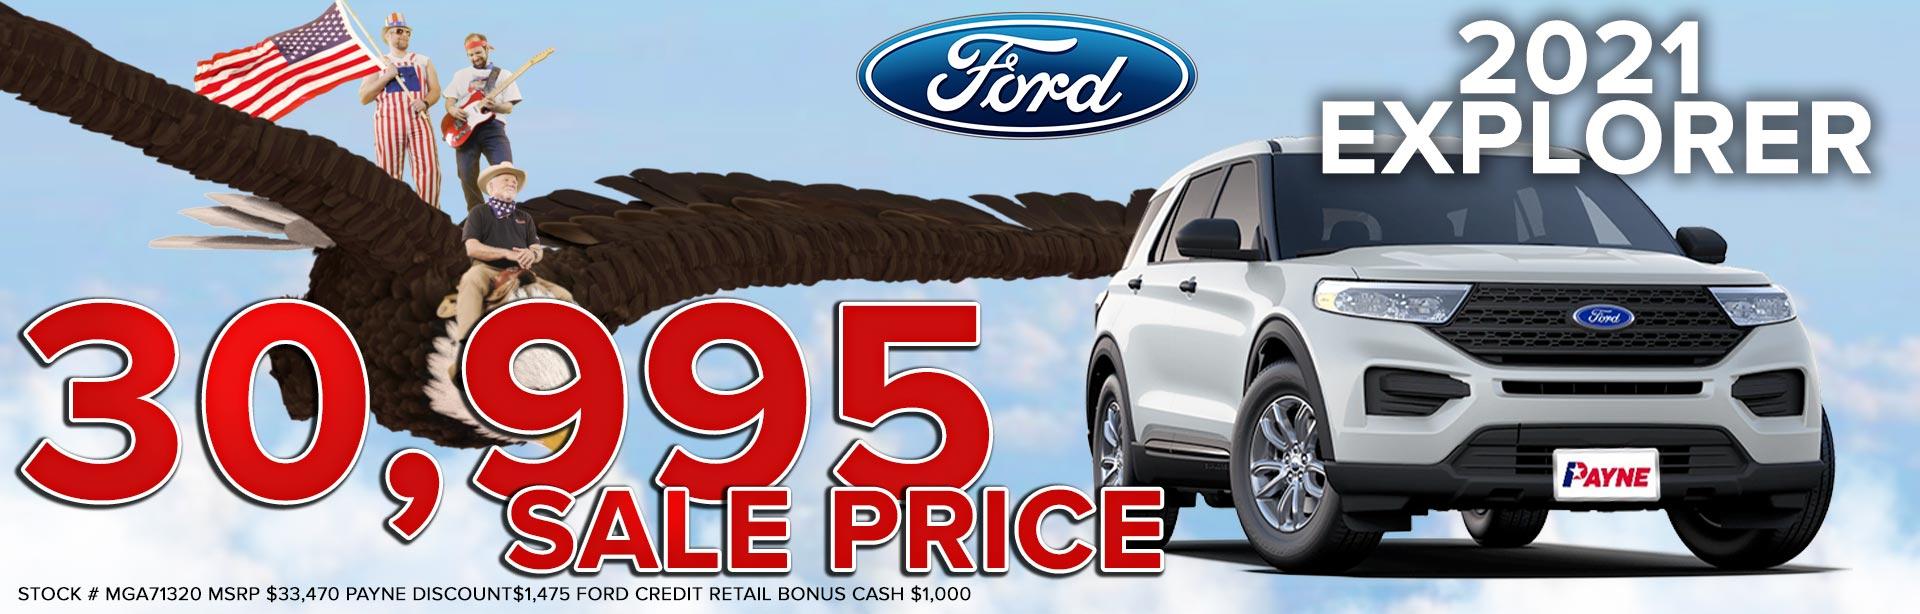 2021 Ford Explorer for $30,995